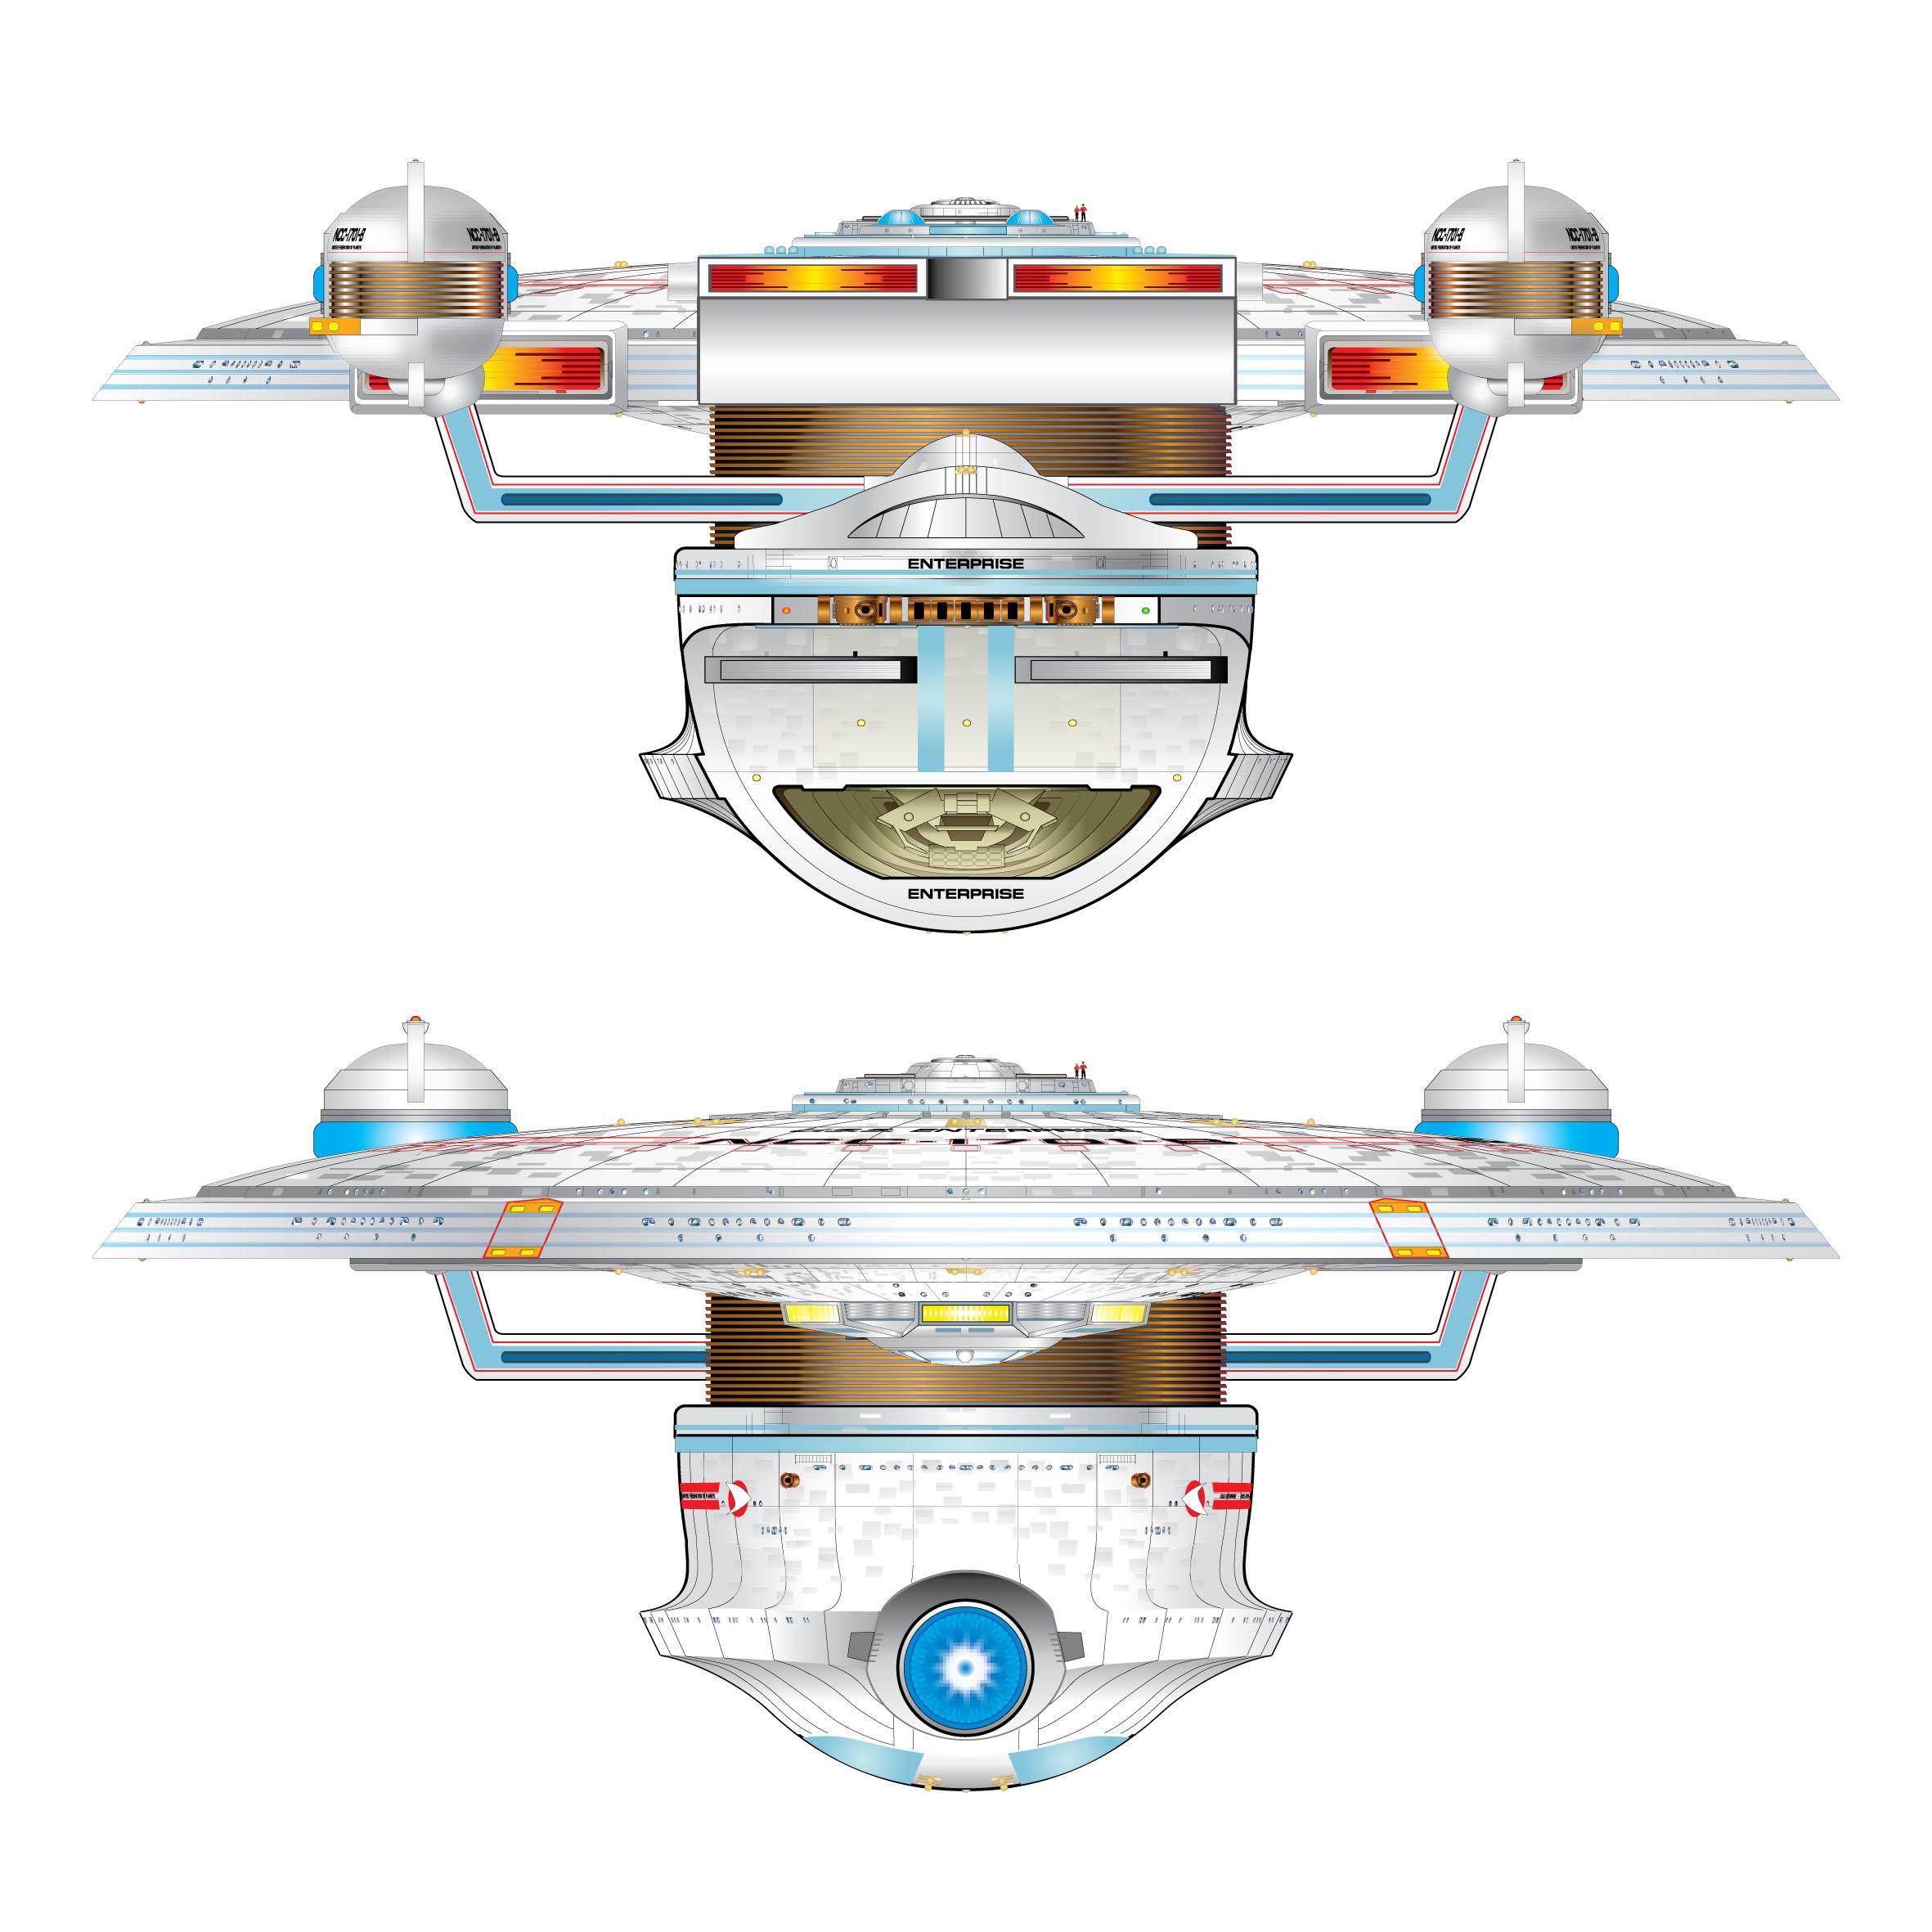 Star trek clipart excelsior banner royalty free library Star Trek Blueprints: Good Stuff 2 Star Trek Schematics banner royalty free library